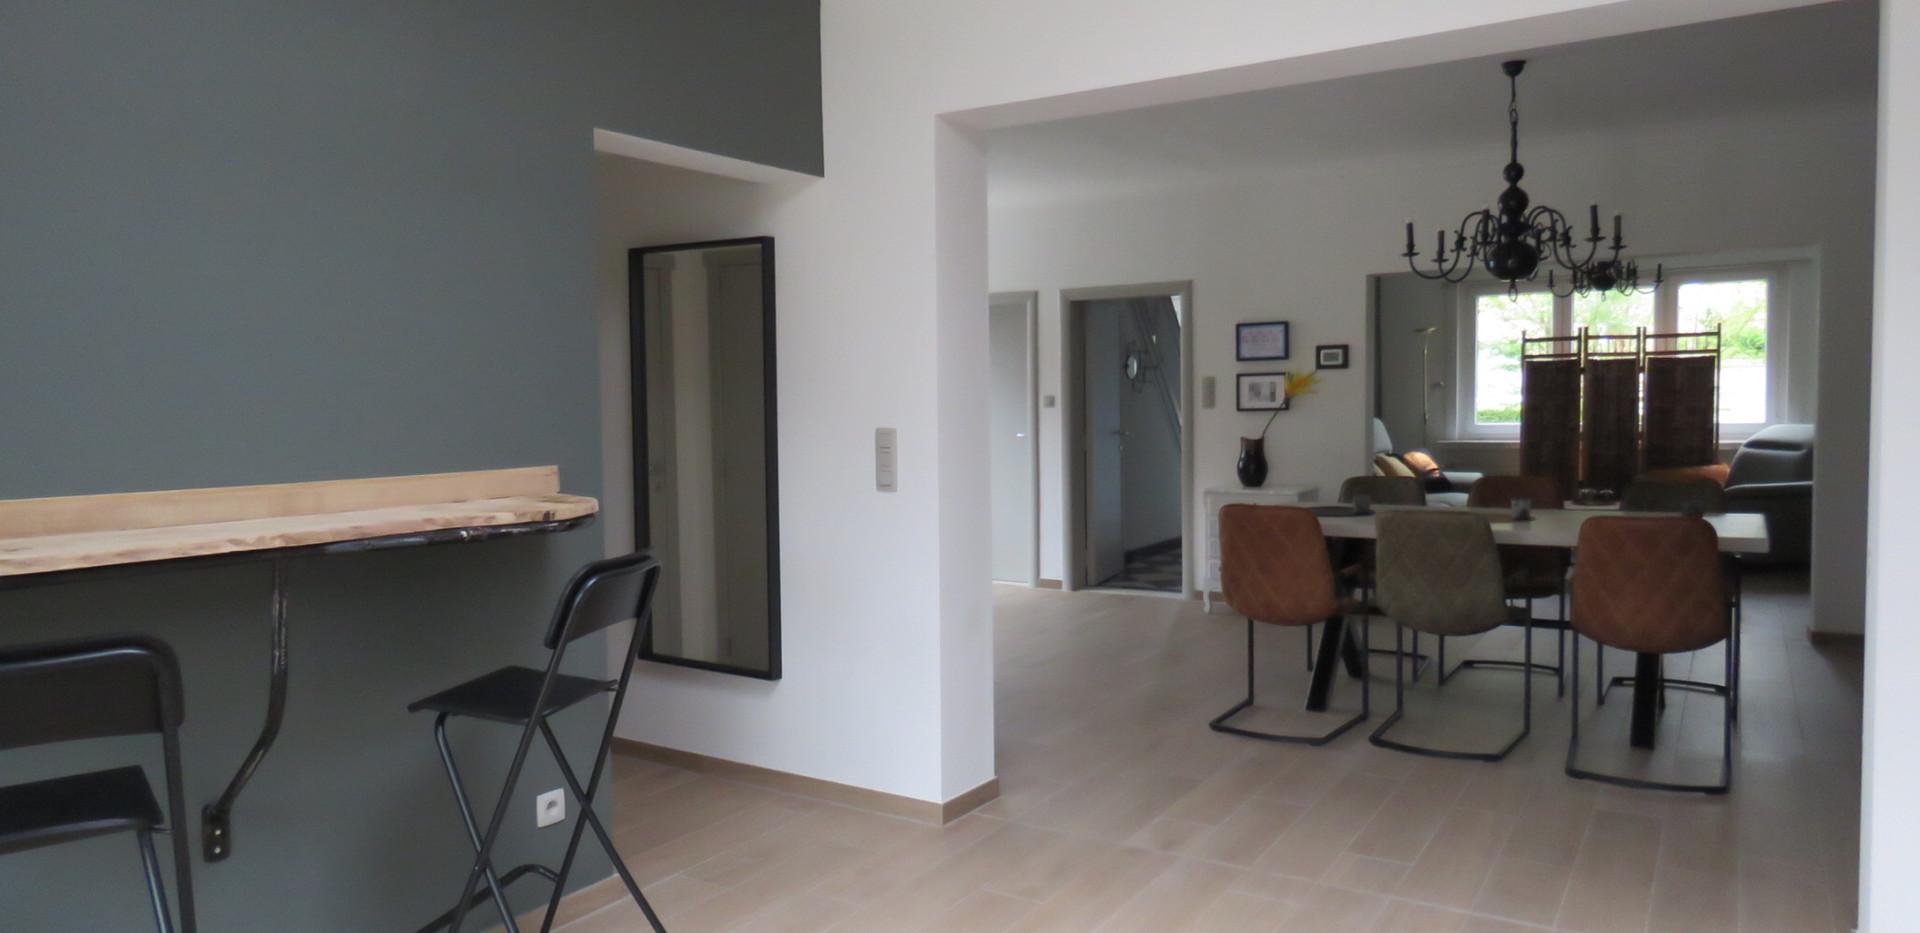 Eetkamer vanuit de keuken